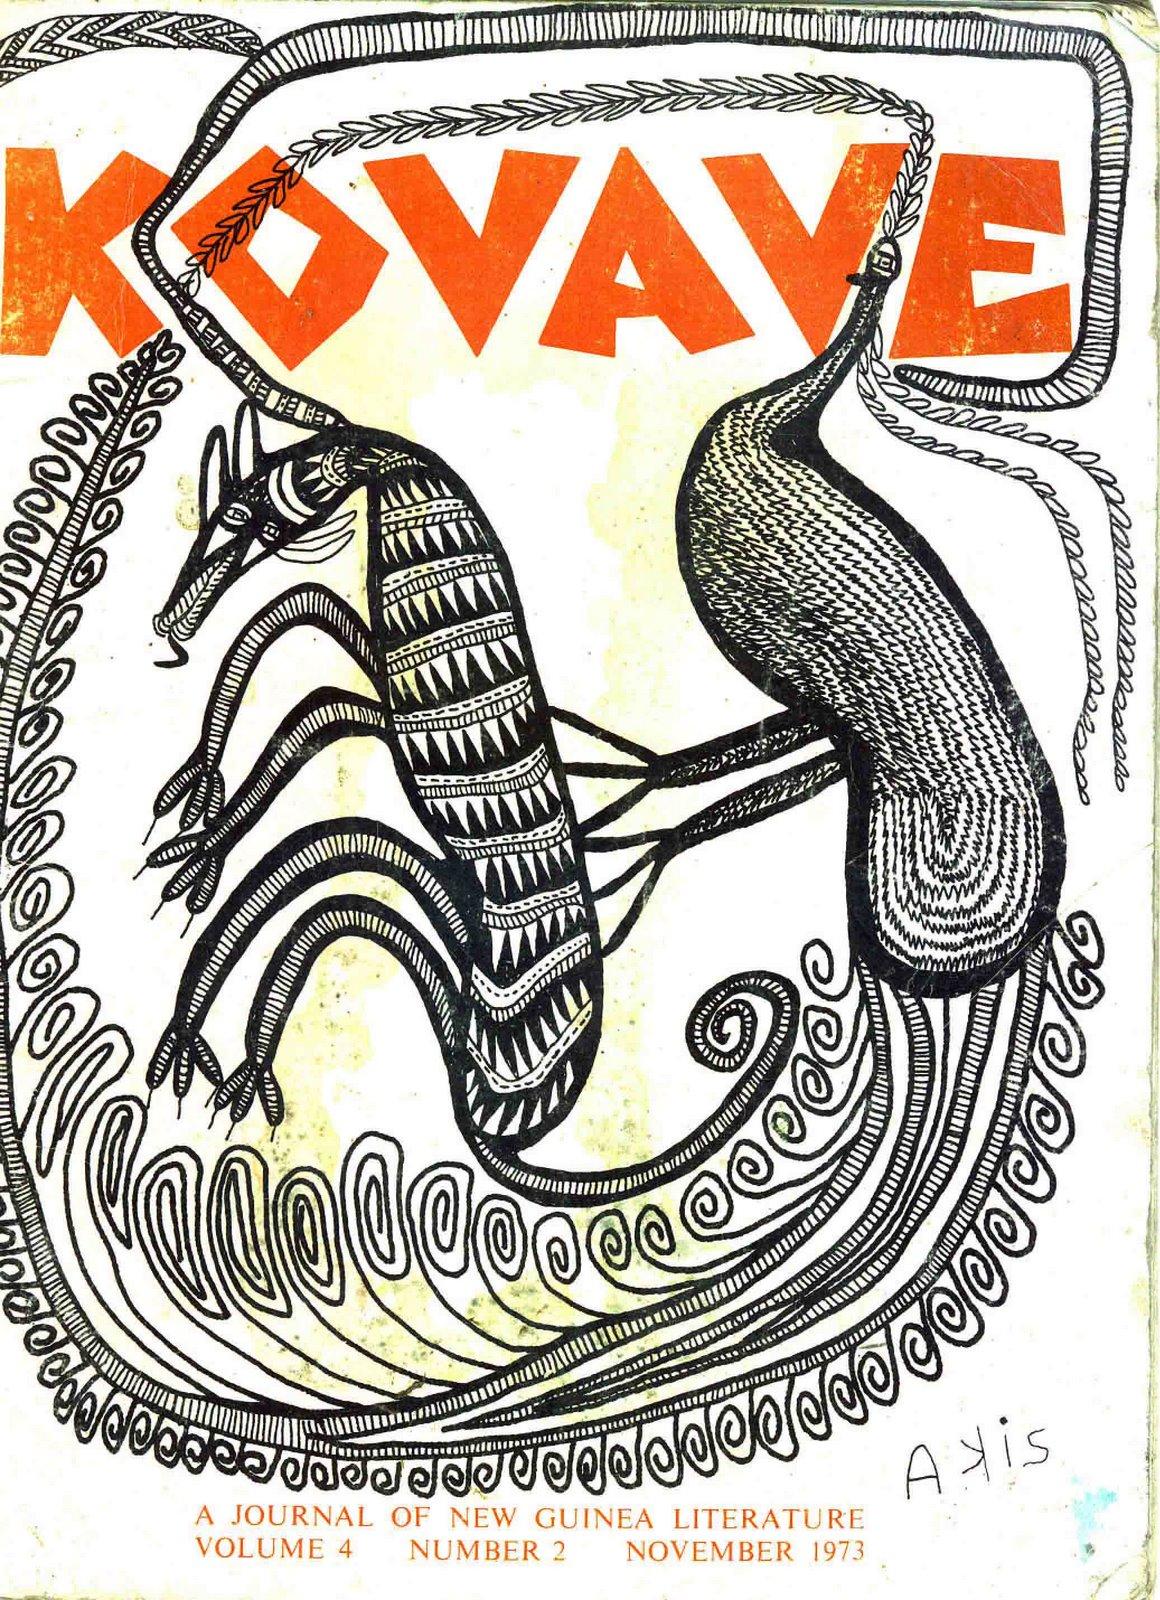 http://2.bp.blogspot.com/_Iro6AankEEI/R09mZXJ_9RI/AAAAAAAAAIk/VhsBnocZZBw/s1600-R/Kovave,+November+1973.jpg